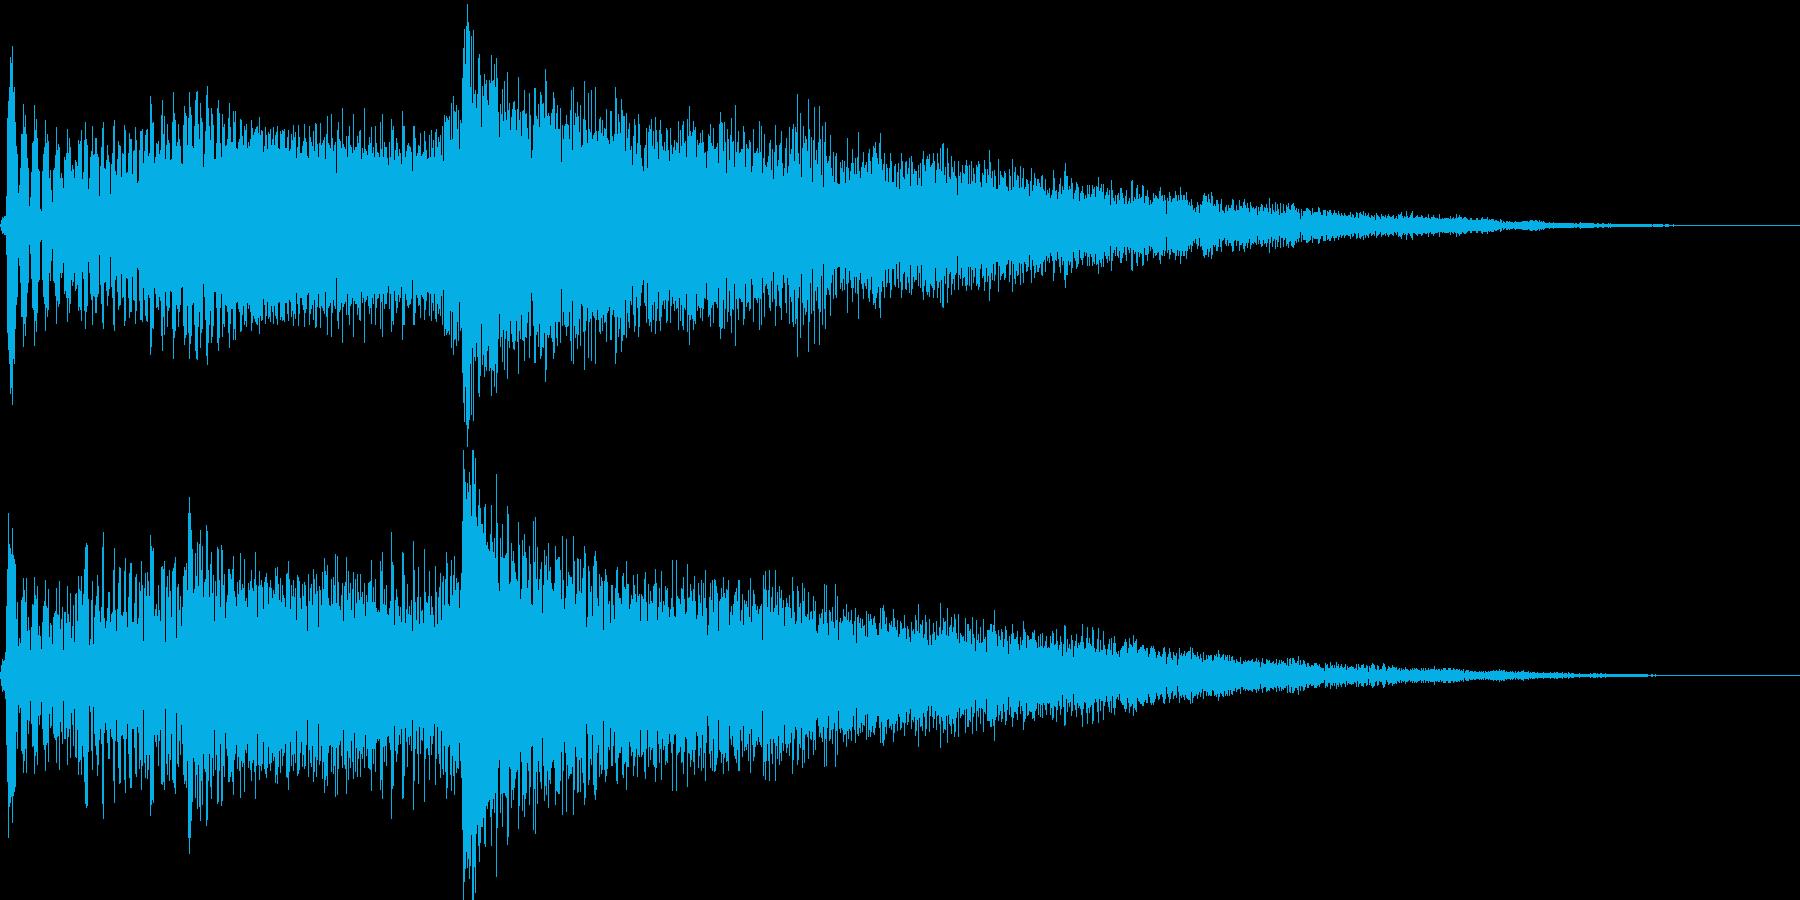 アイキャッチ用ジングル3 - アコギ+αの再生済みの波形